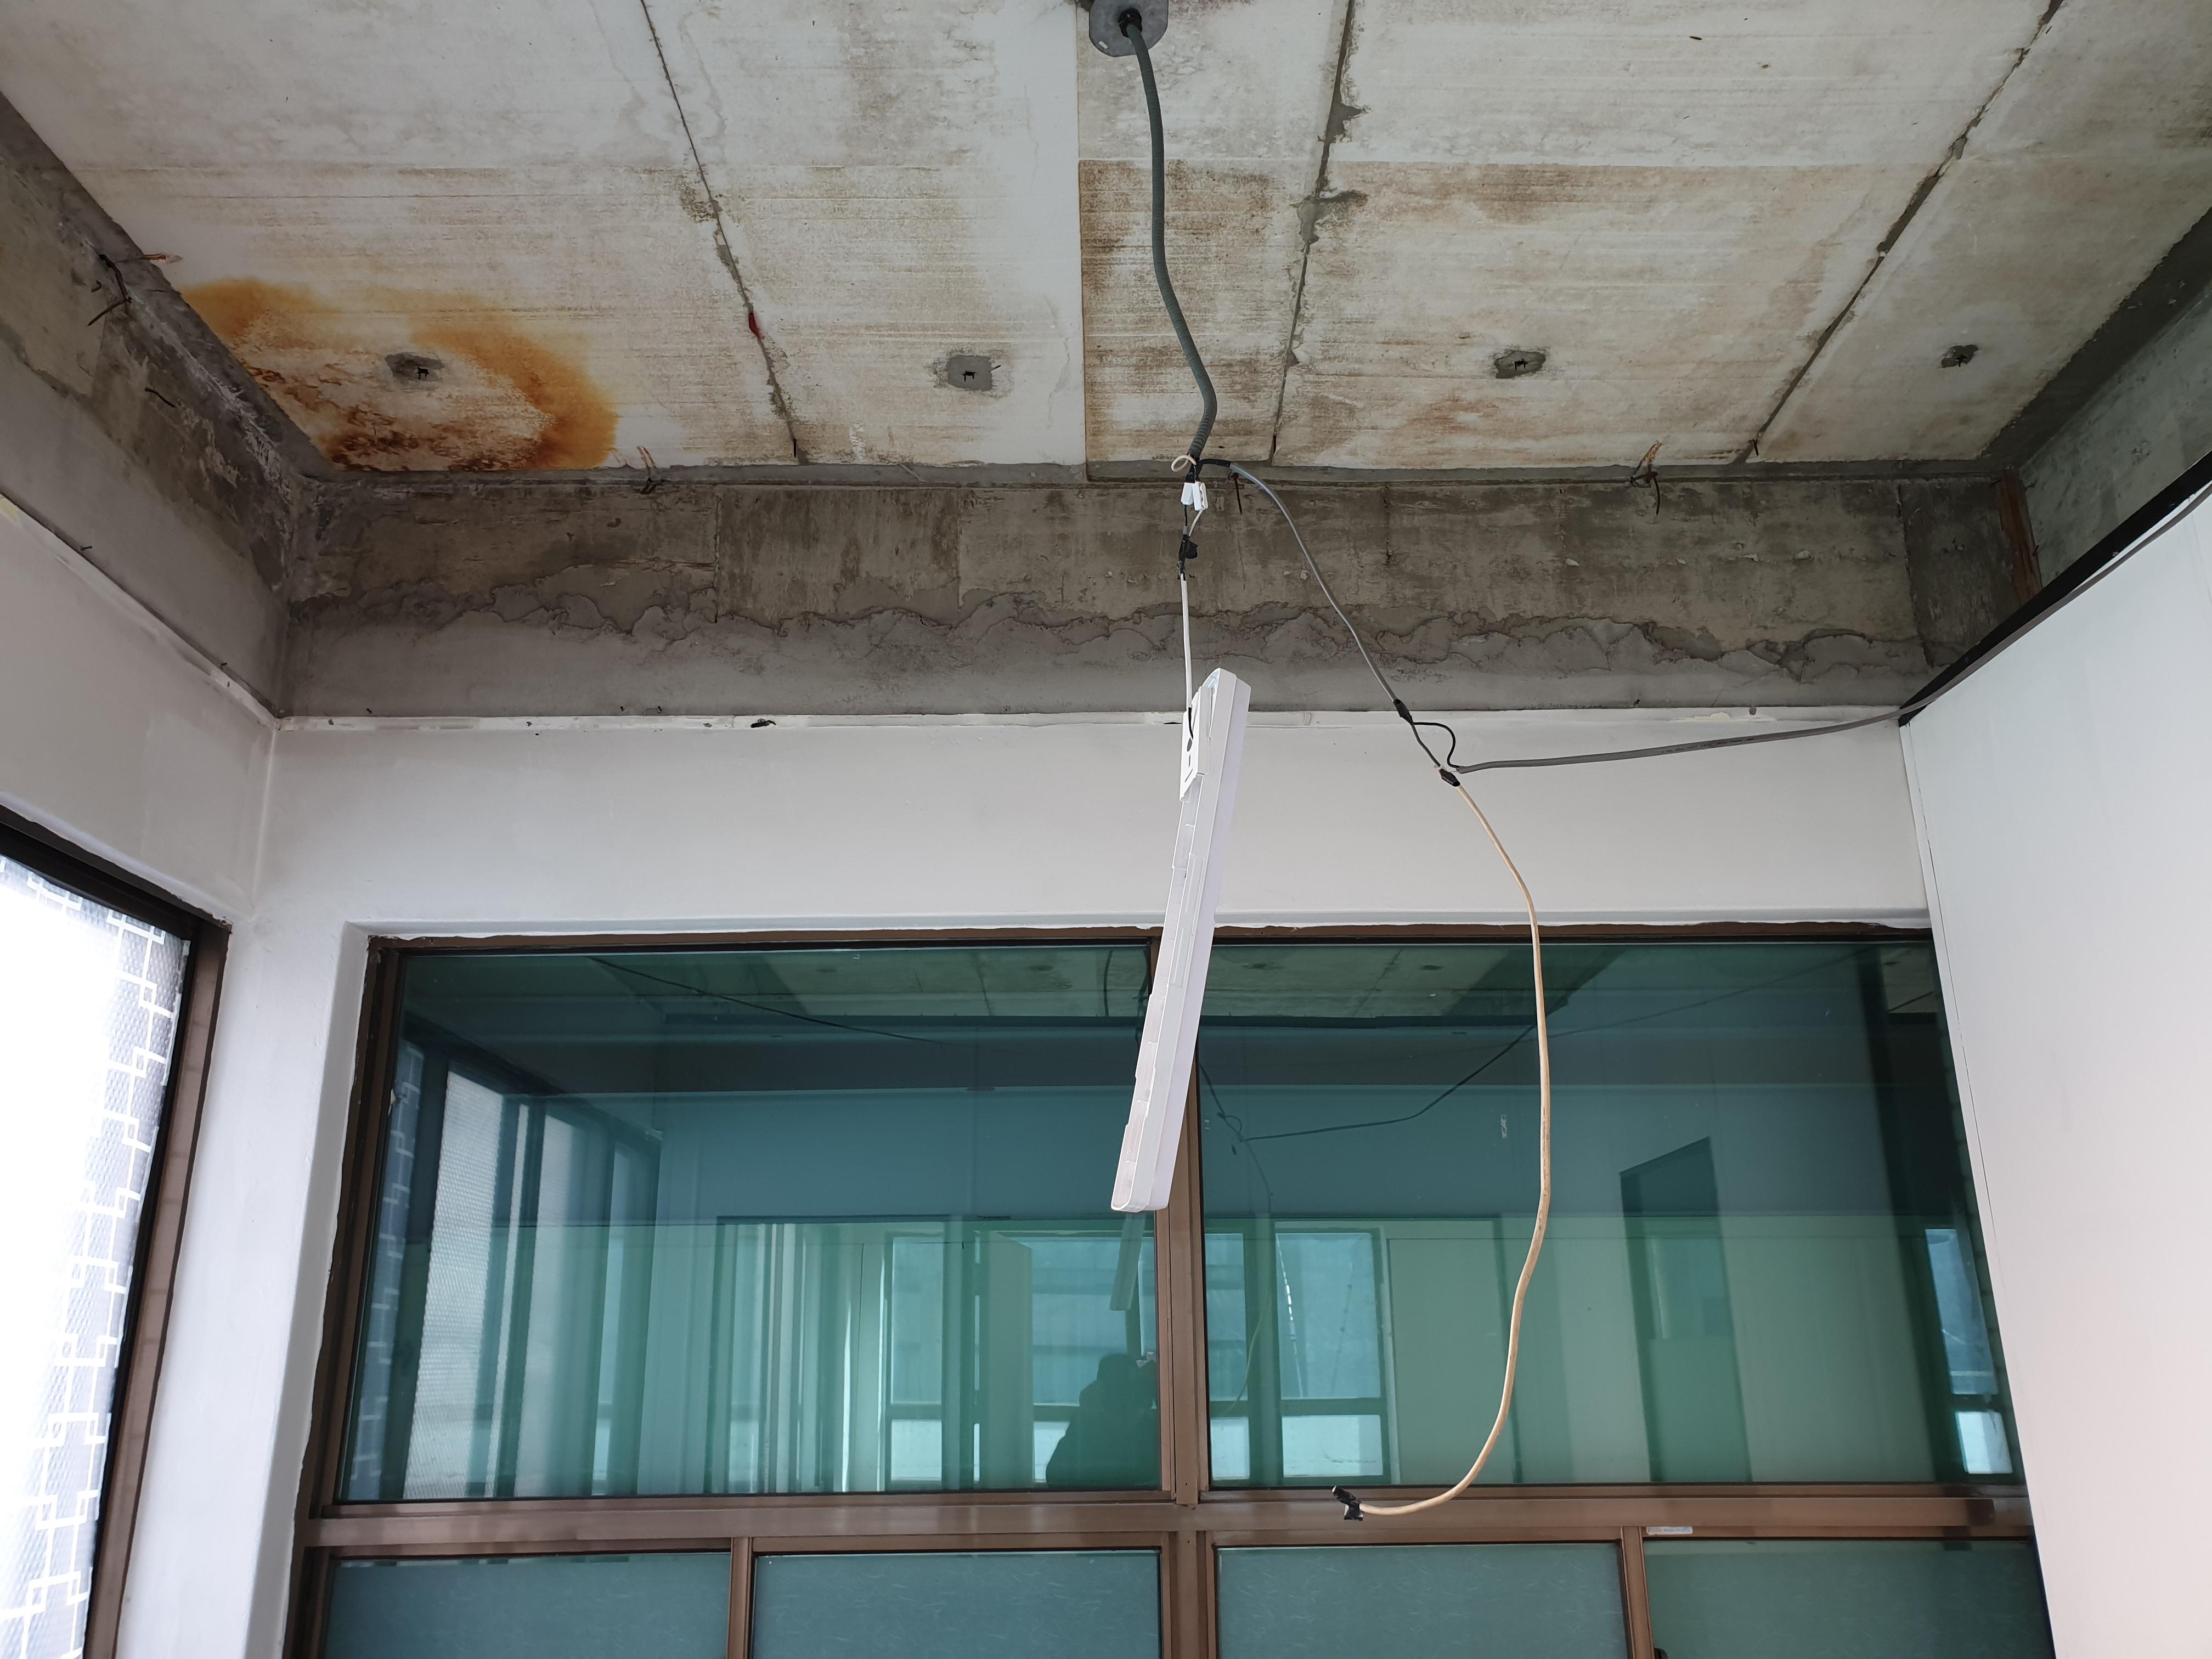 22 번째 사진  에  연면적137 ㎡ 부산 석면건물철거 진구 서전로 46번길